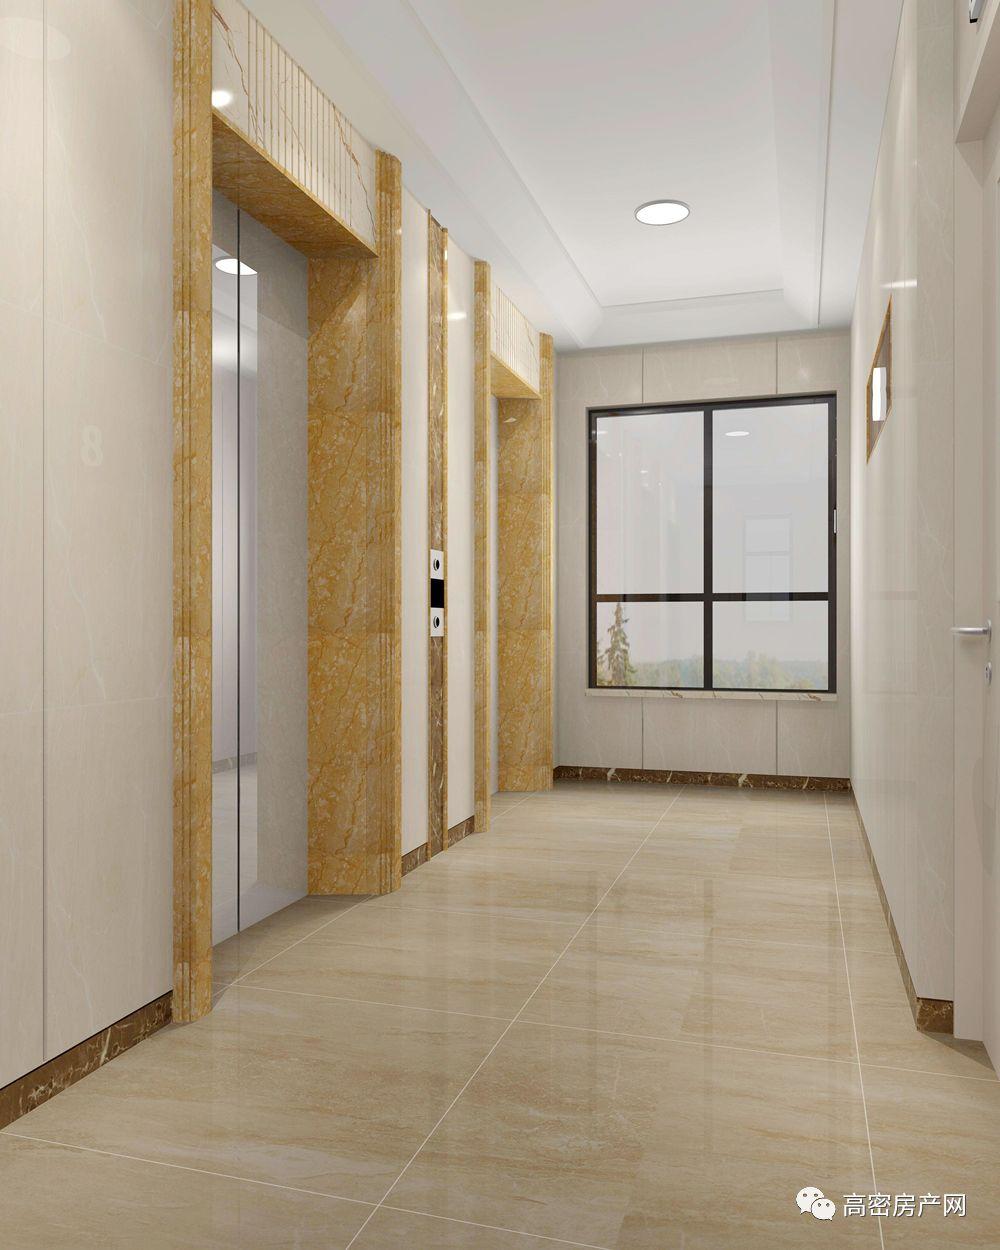 日立电梯机房主机图片